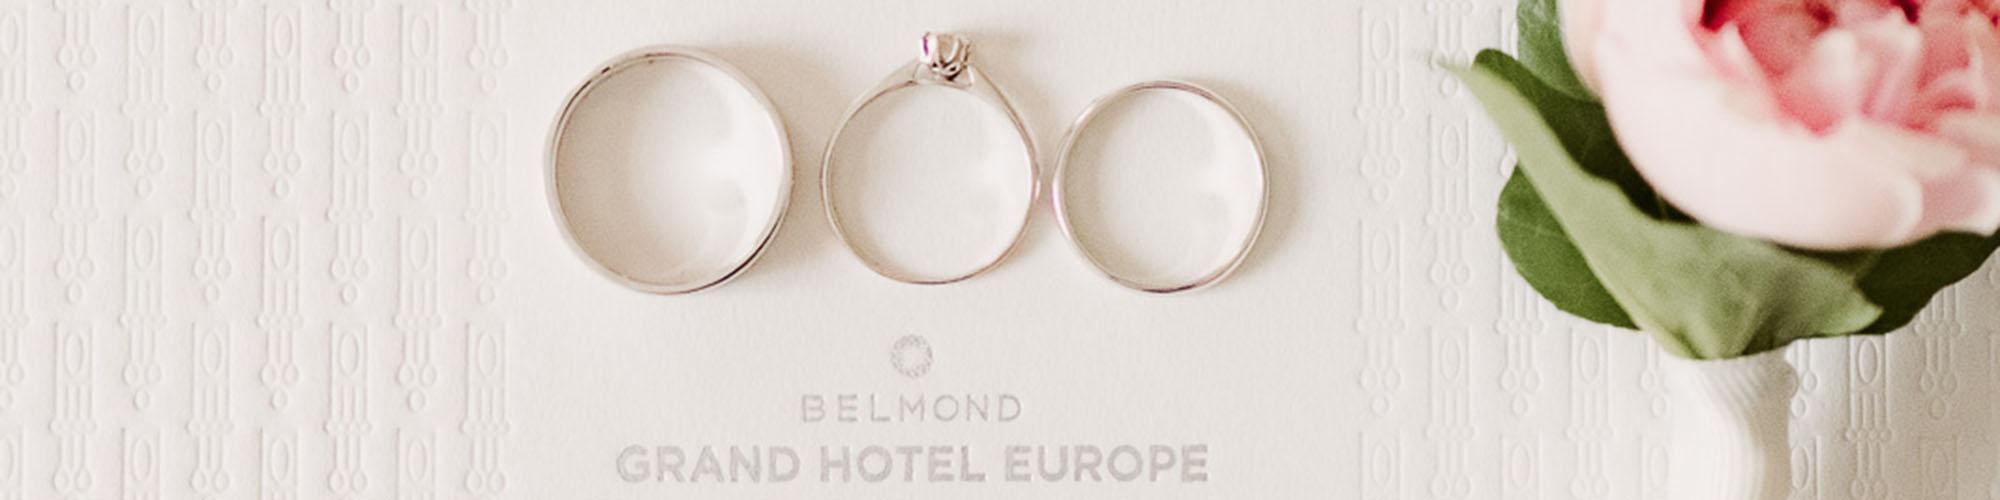 Свадьба в Belmond Grand hotel Europe